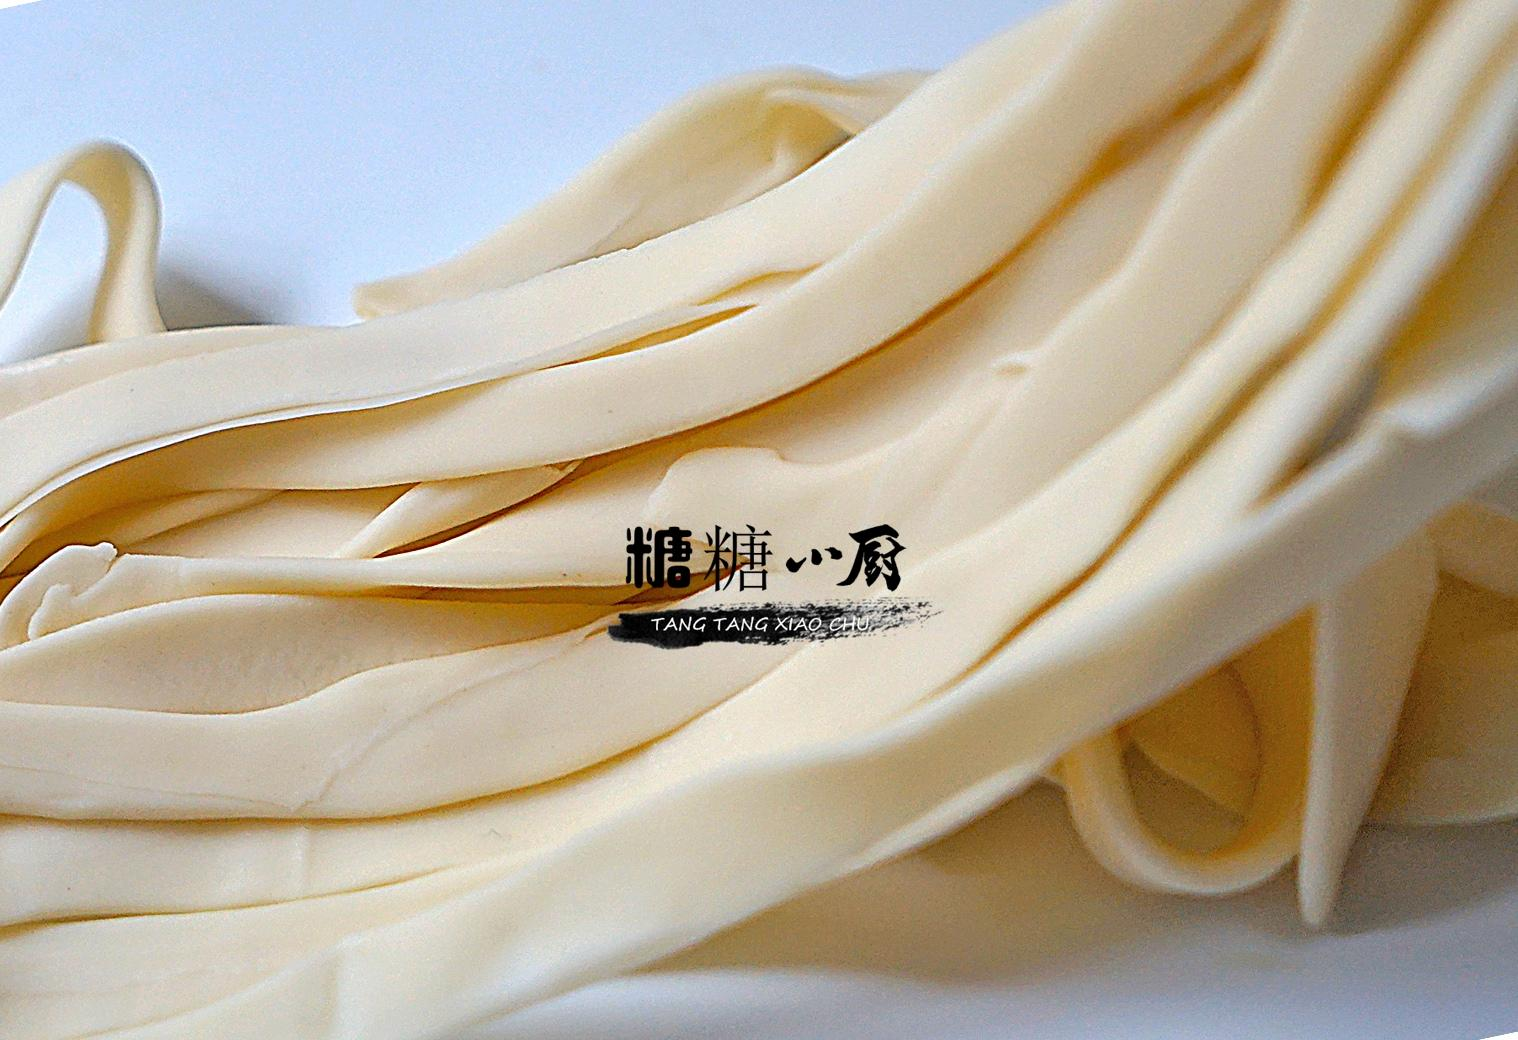 家里剩饺子皮,试试来做凉面,简单拌一拌特过瘾,天热吃最过瘾